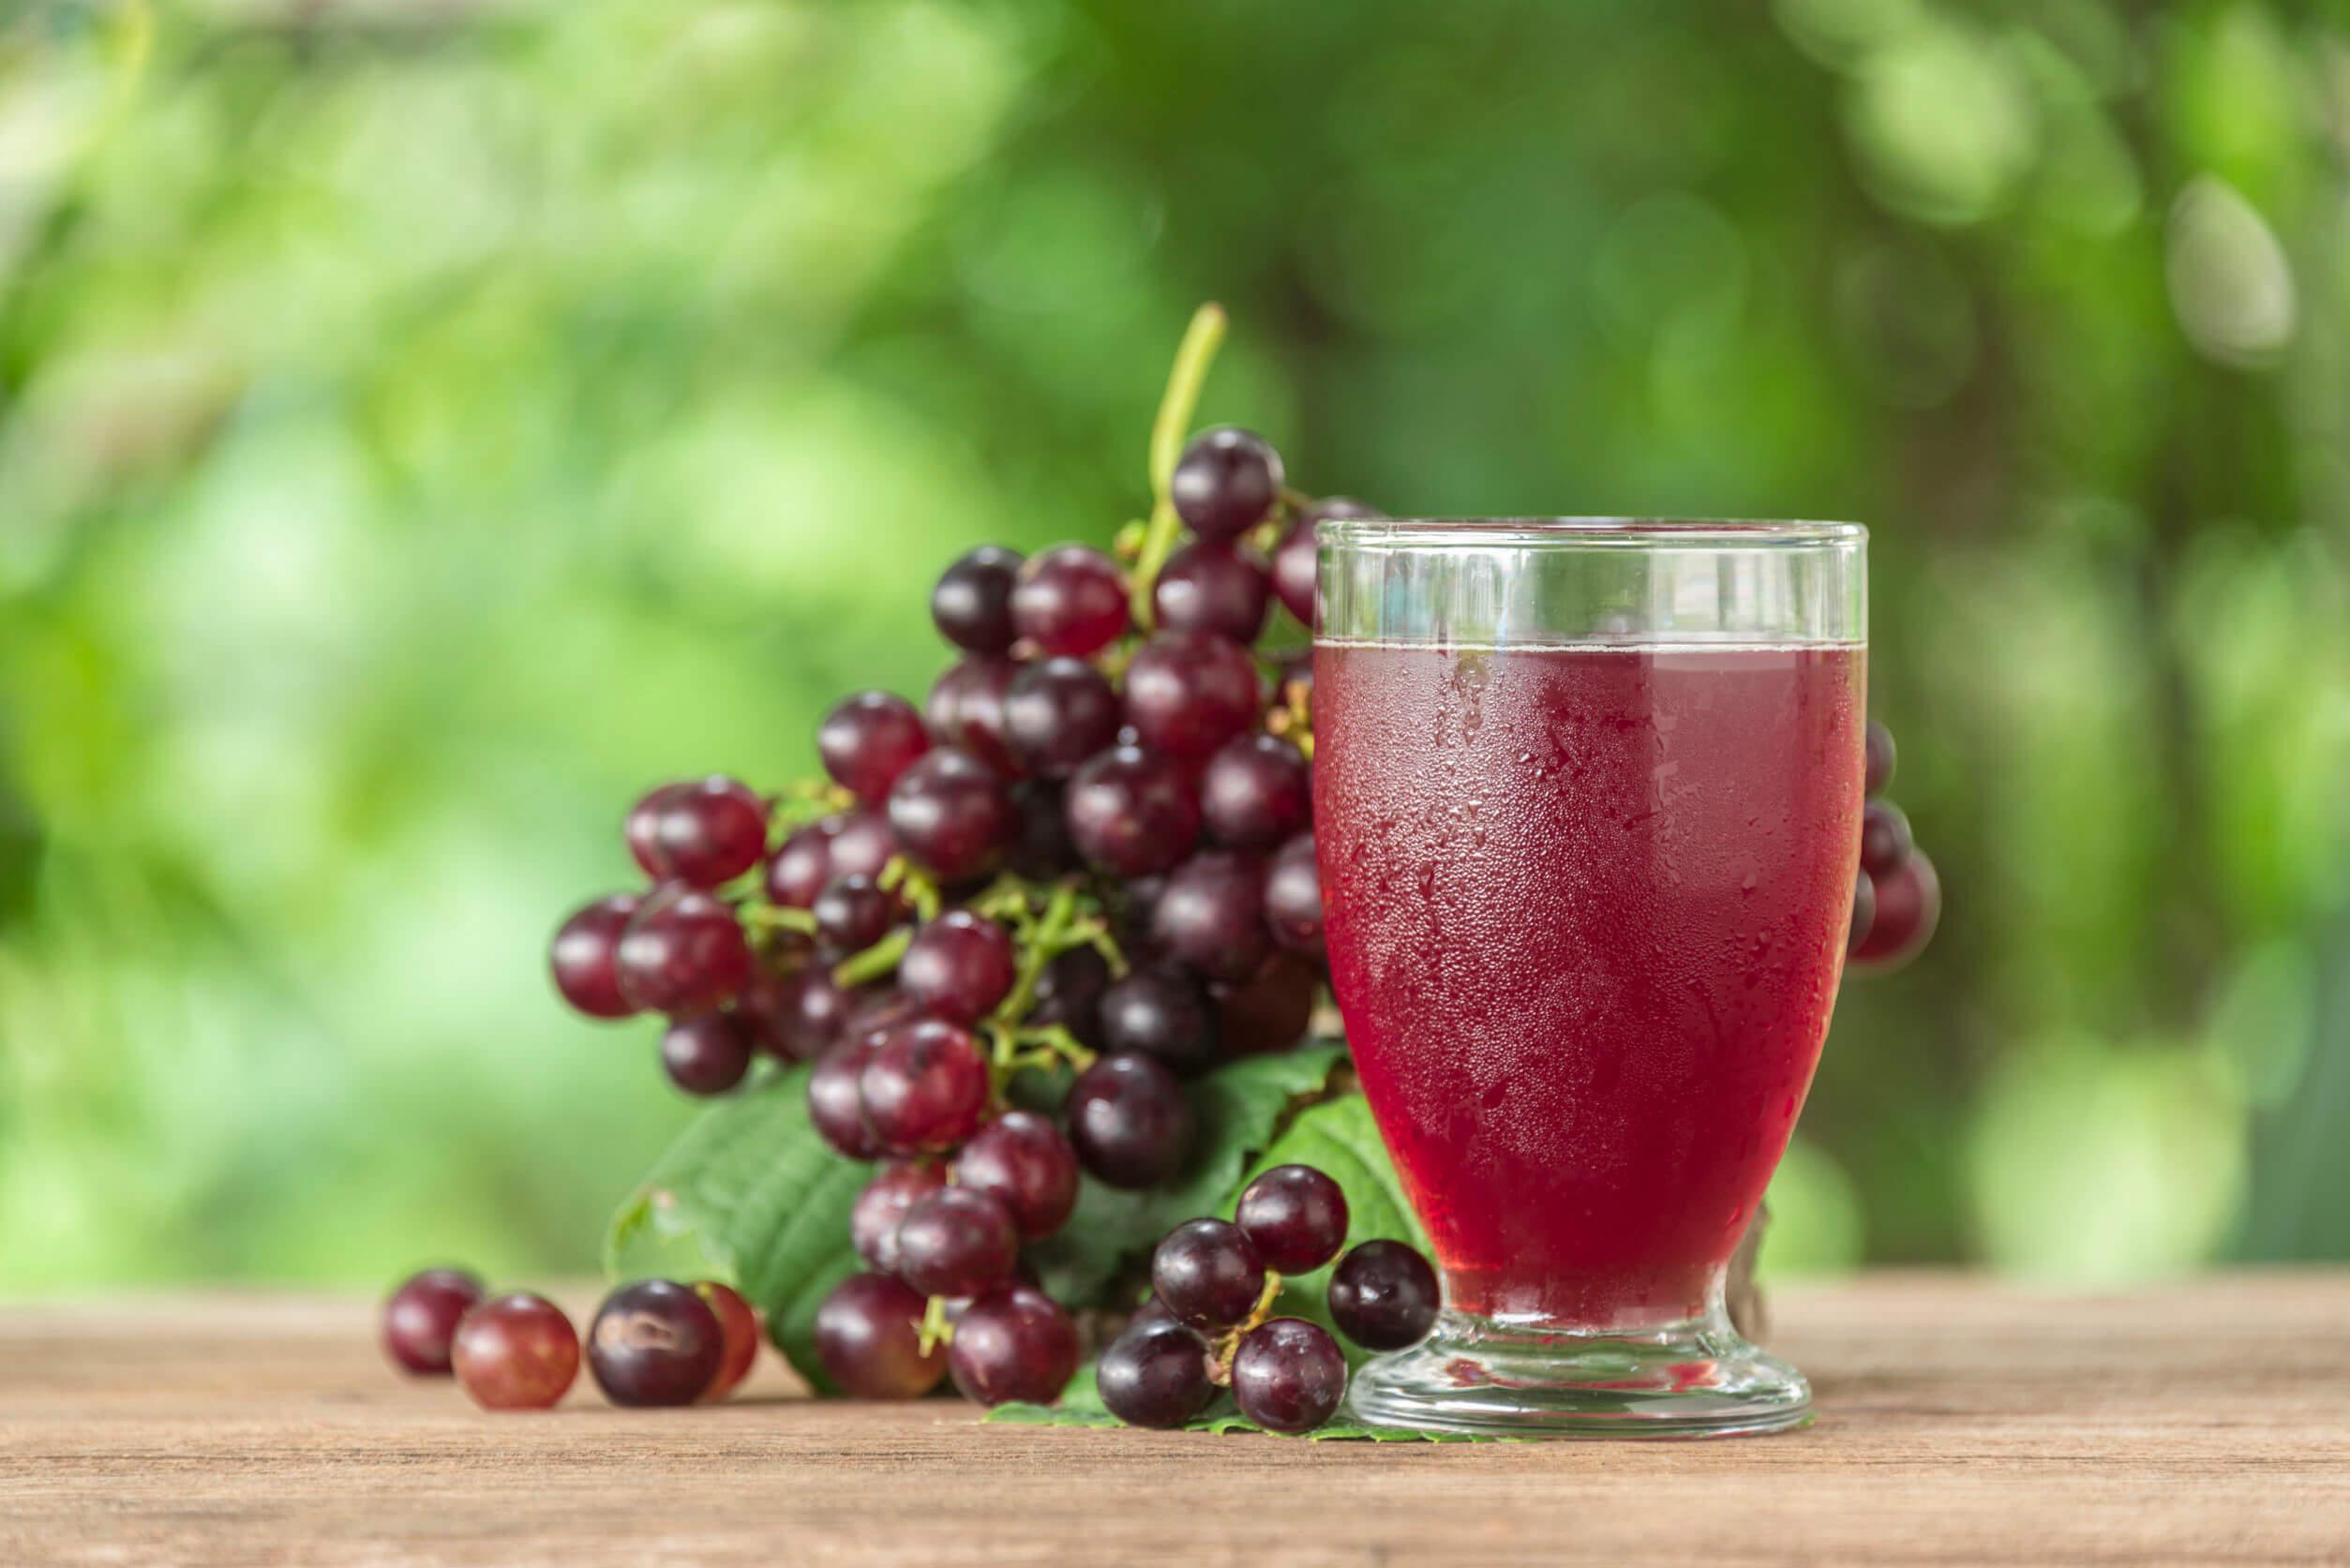 Las uvas forman parte de las frutas demasiado maduras que se pueden aprovechar.